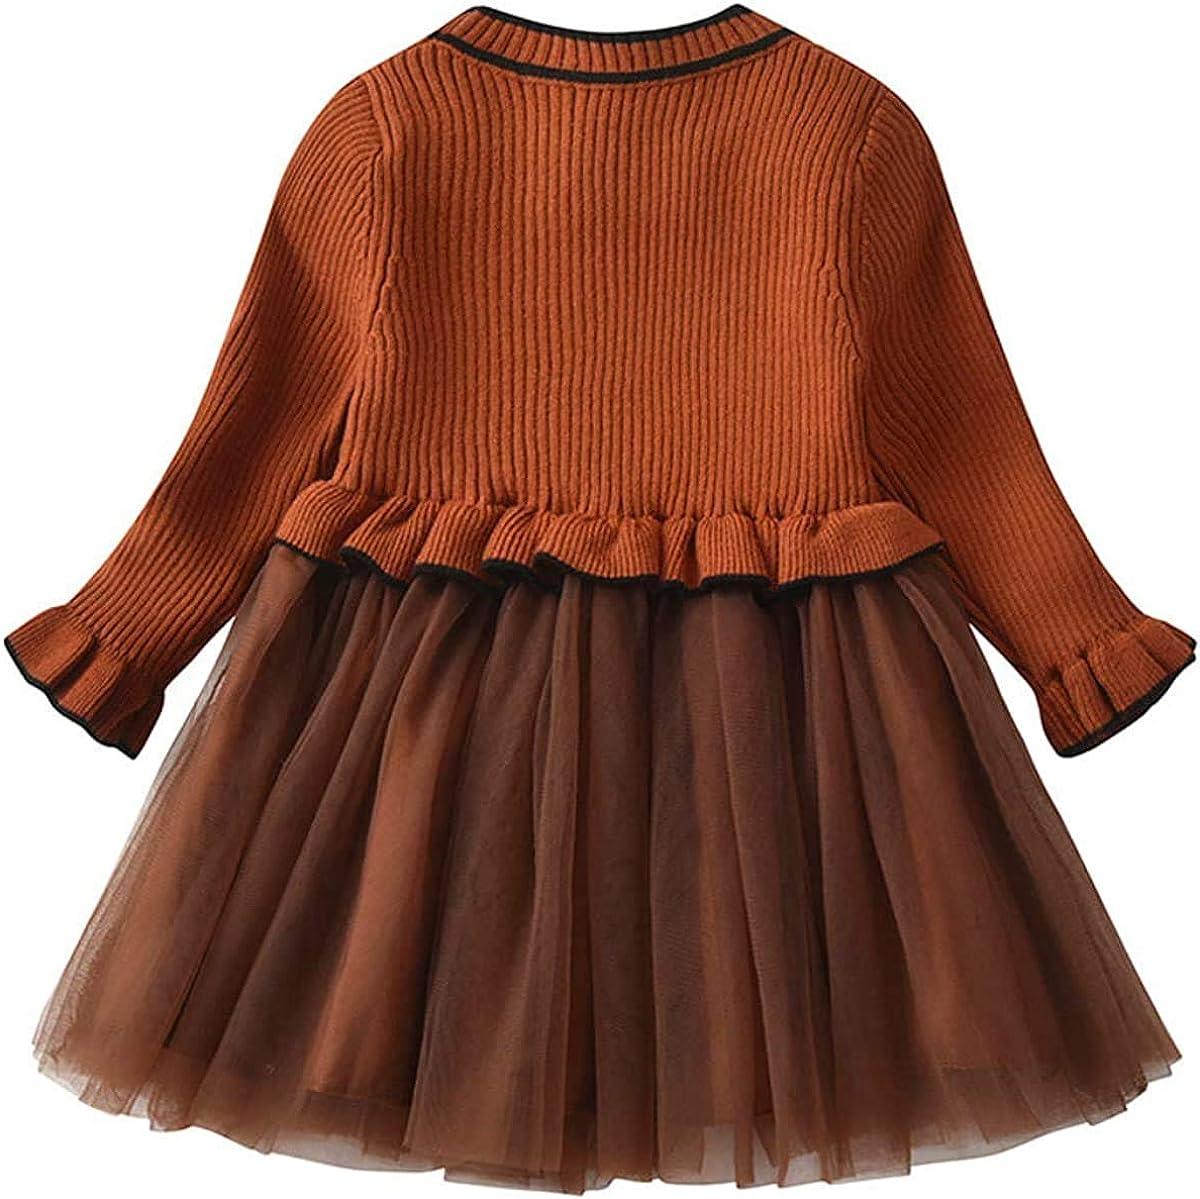 MoccyBabeLee B/éb/é Fille Tricot Pull Robe /à Manches Longues tricot/é Tulle Tutu Robes Hiver b/éb/é Tenue d/écontract/ée v/êtements